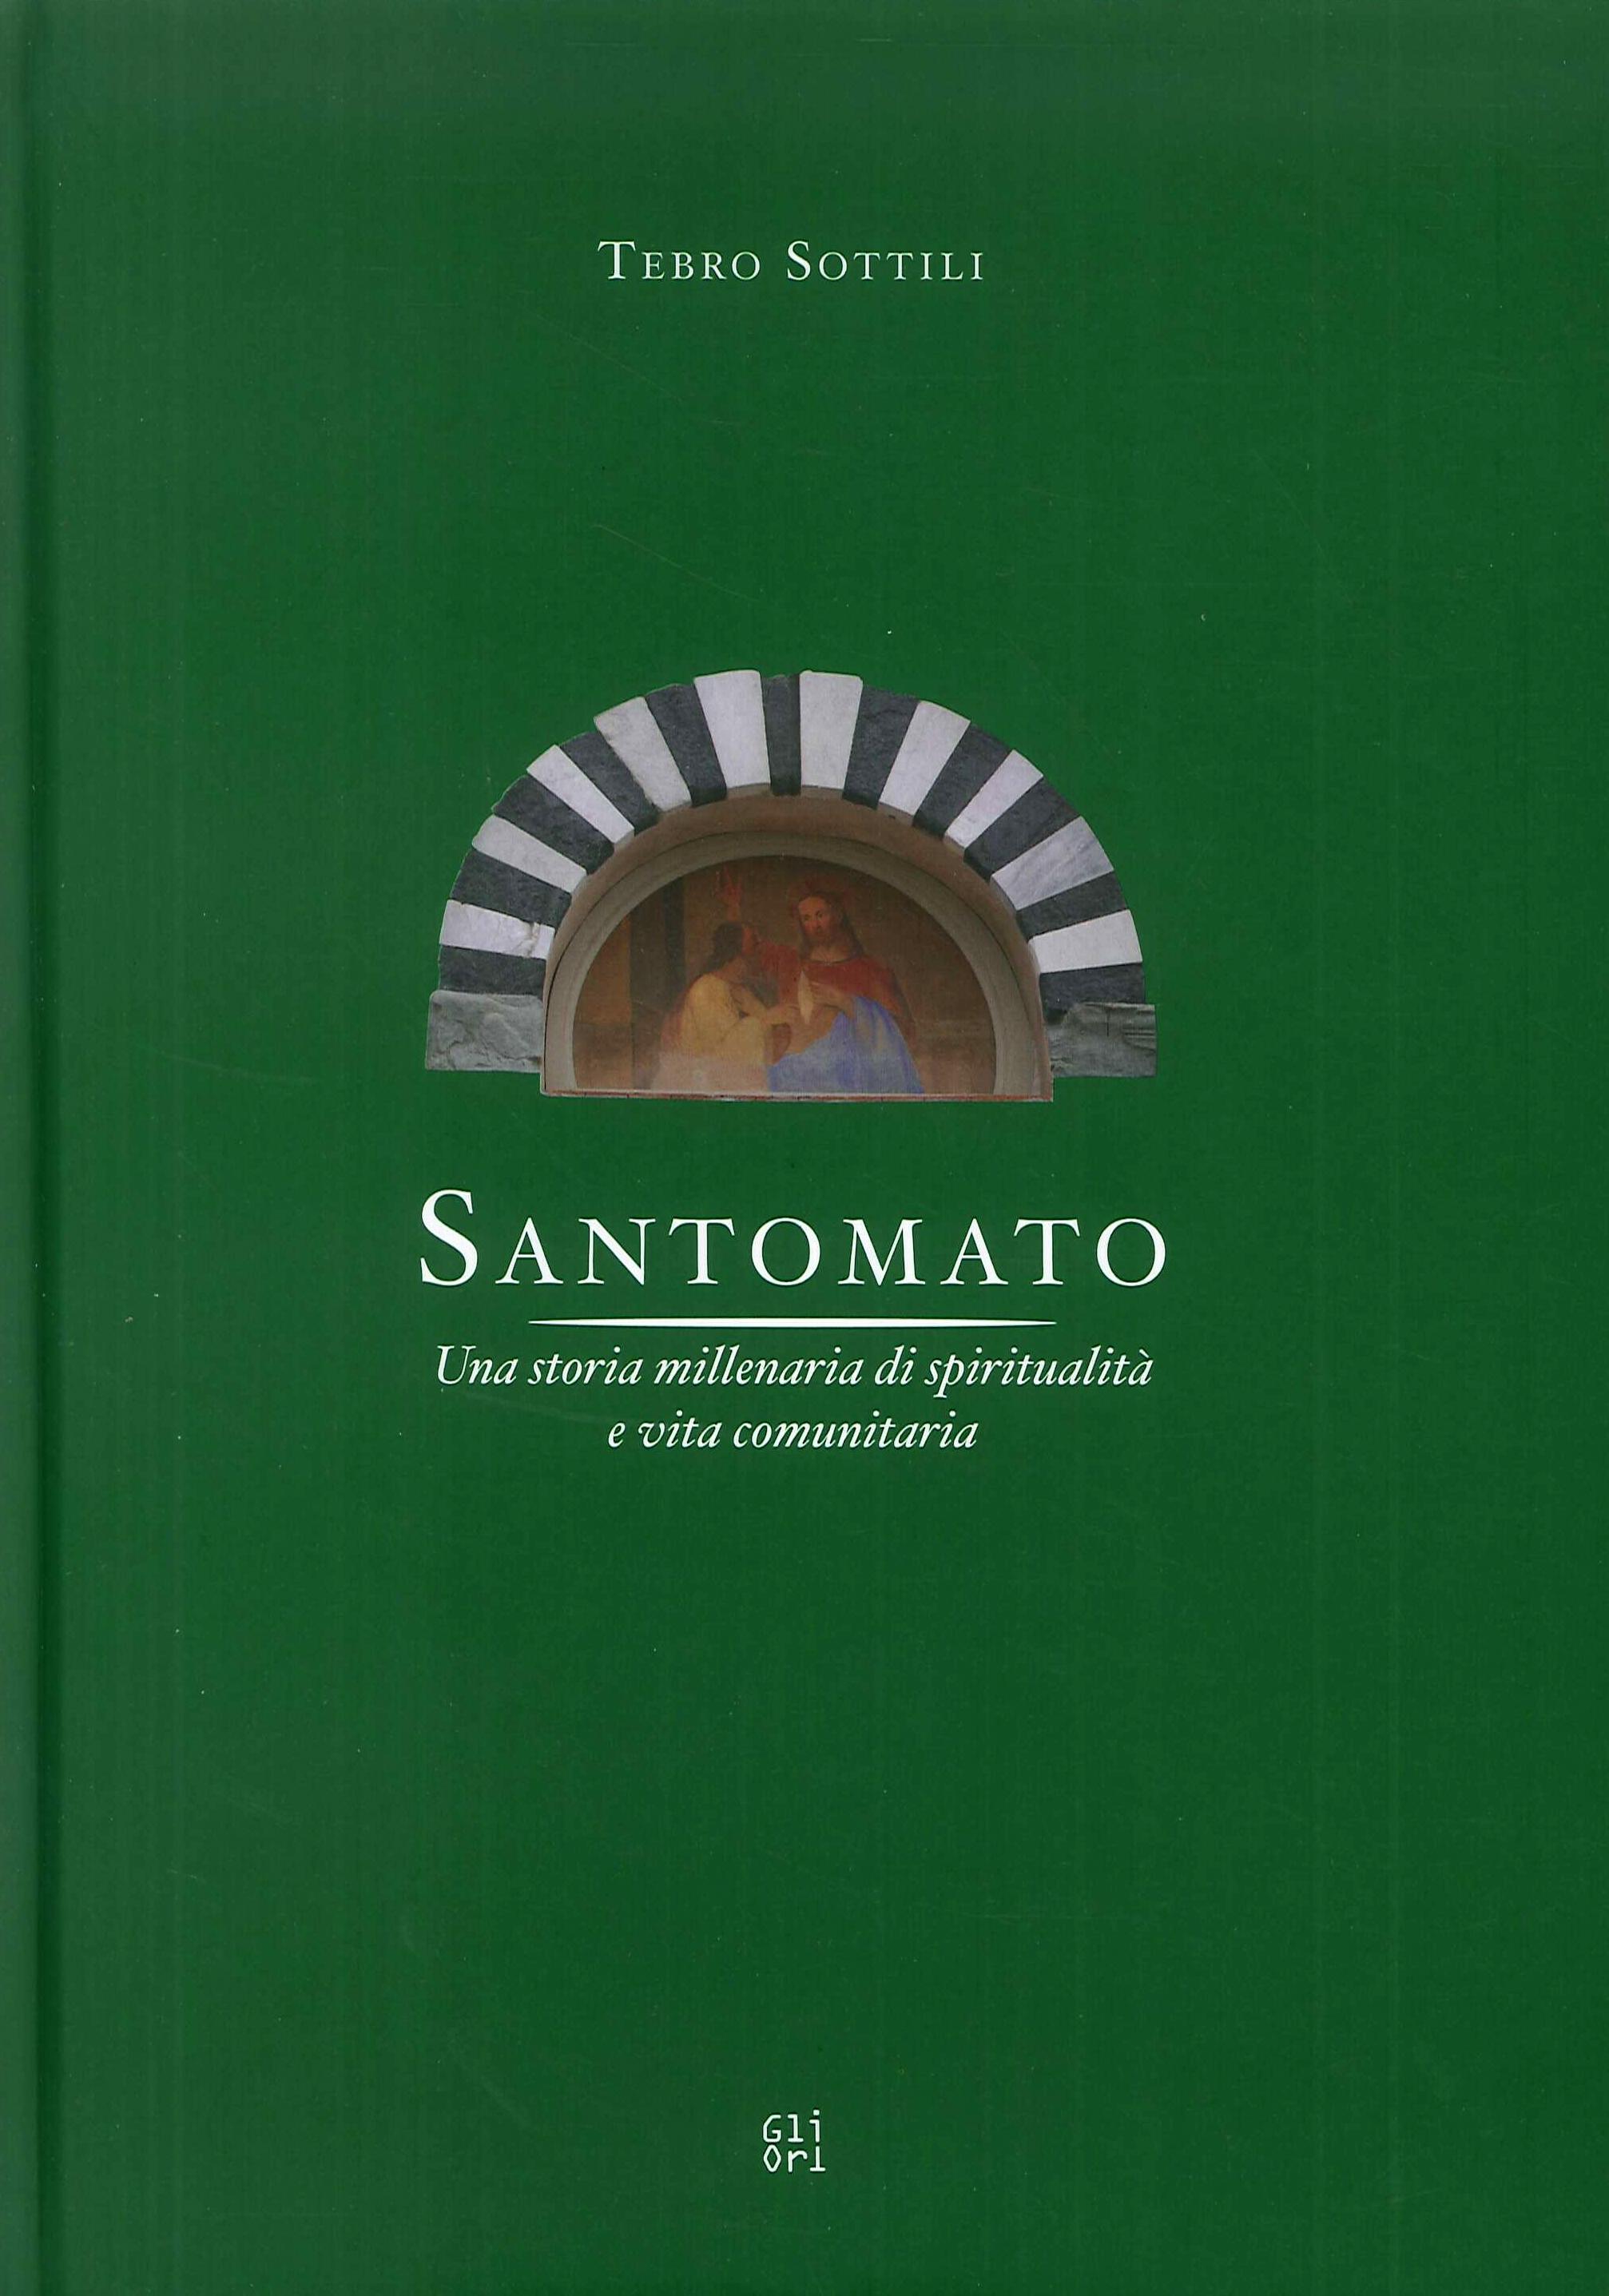 Santomato. Una storia millenaria di spiritualità e vita comunitaria